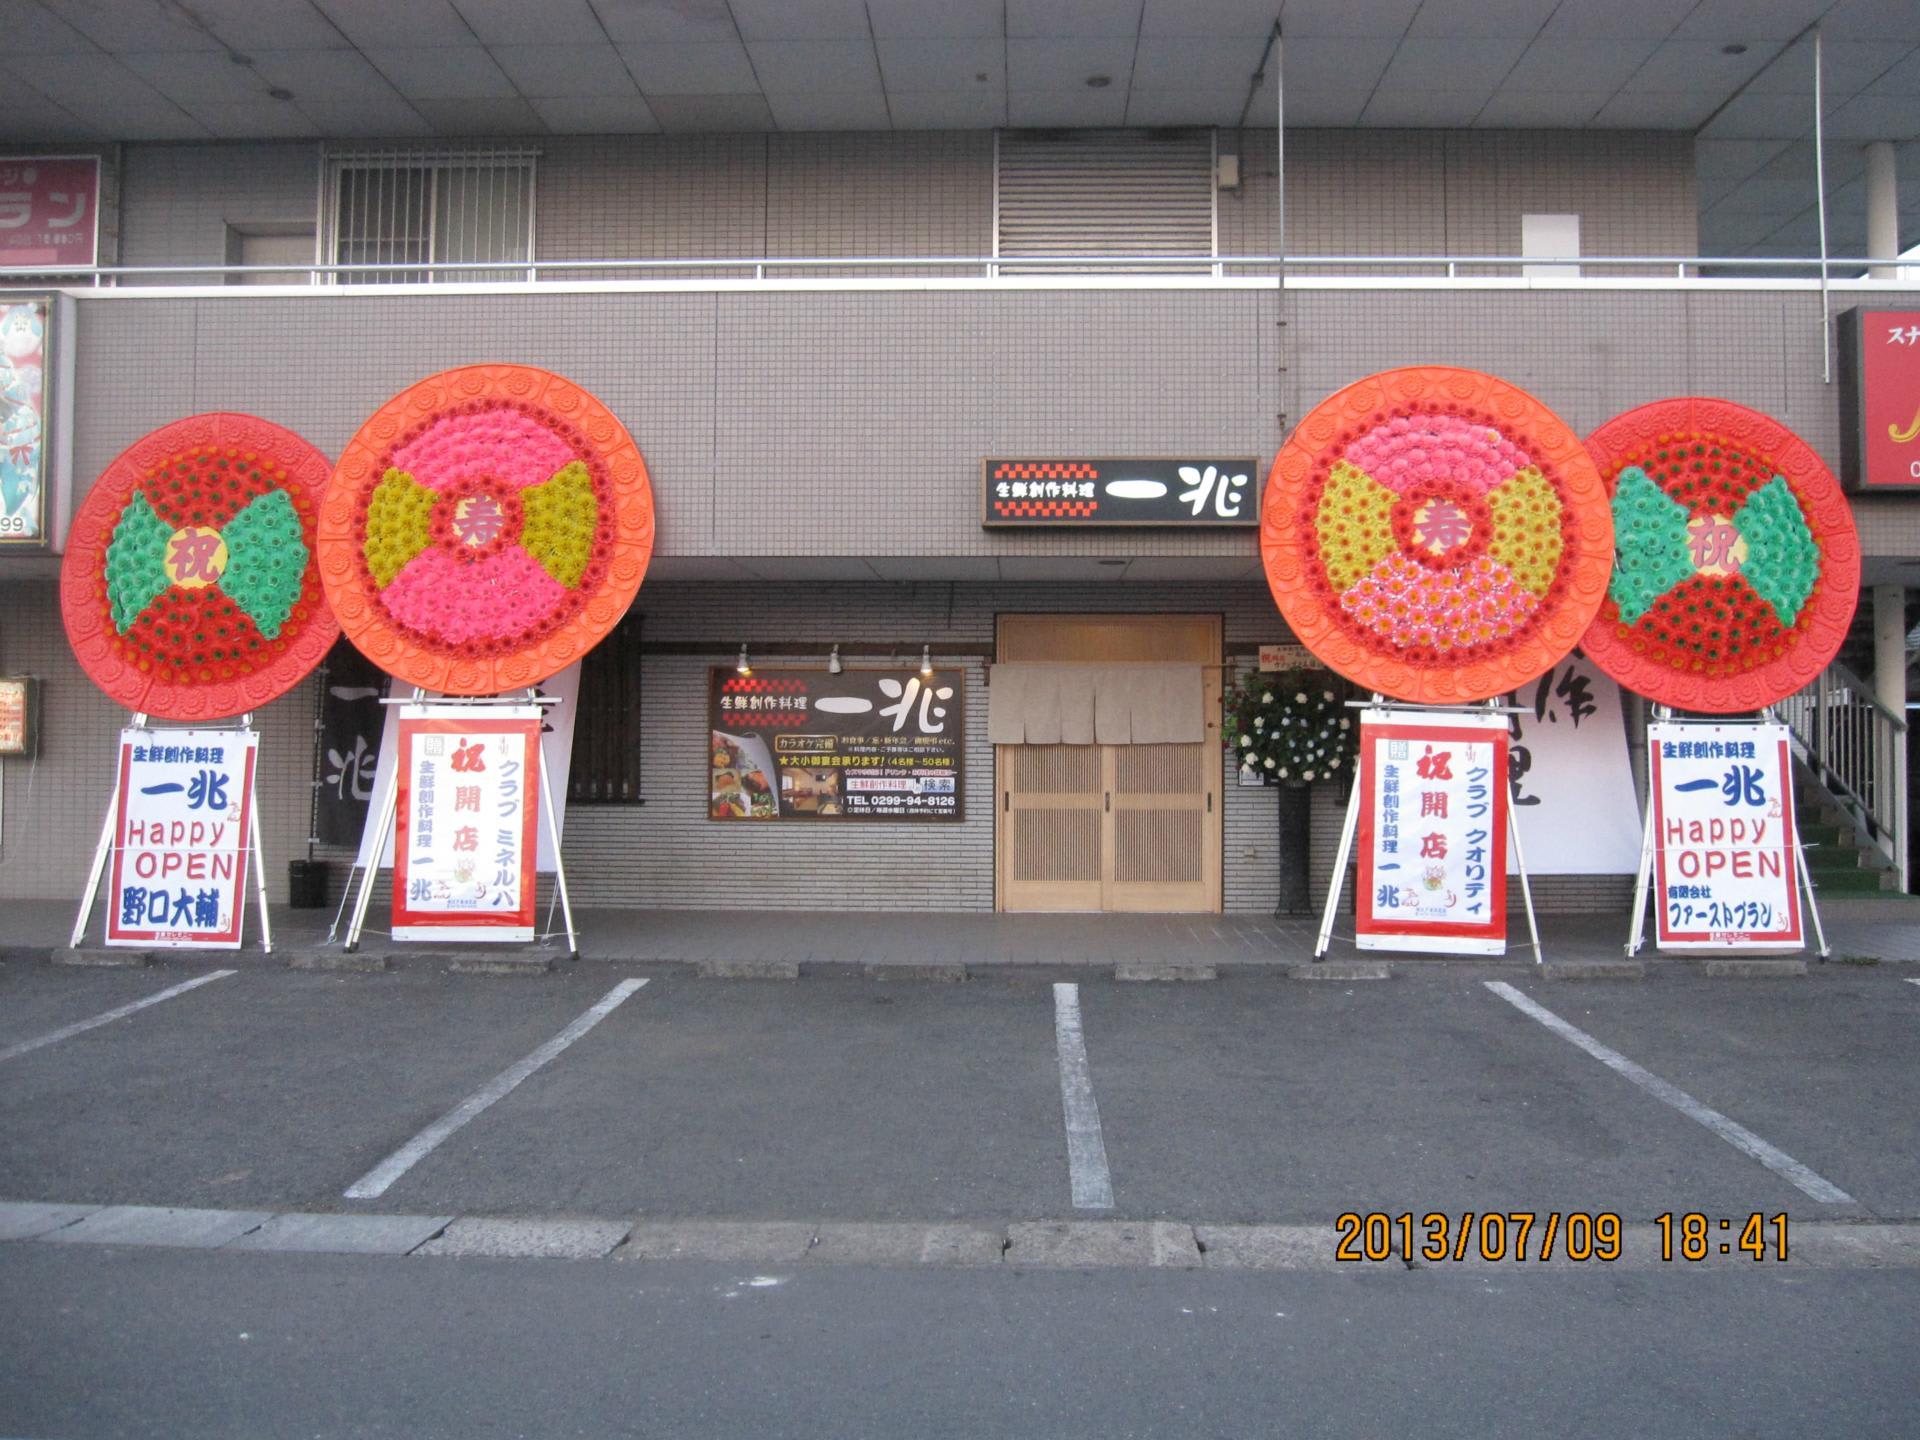 フルリニューアルオープン!! - 神栖市居酒屋 美豚ブログ